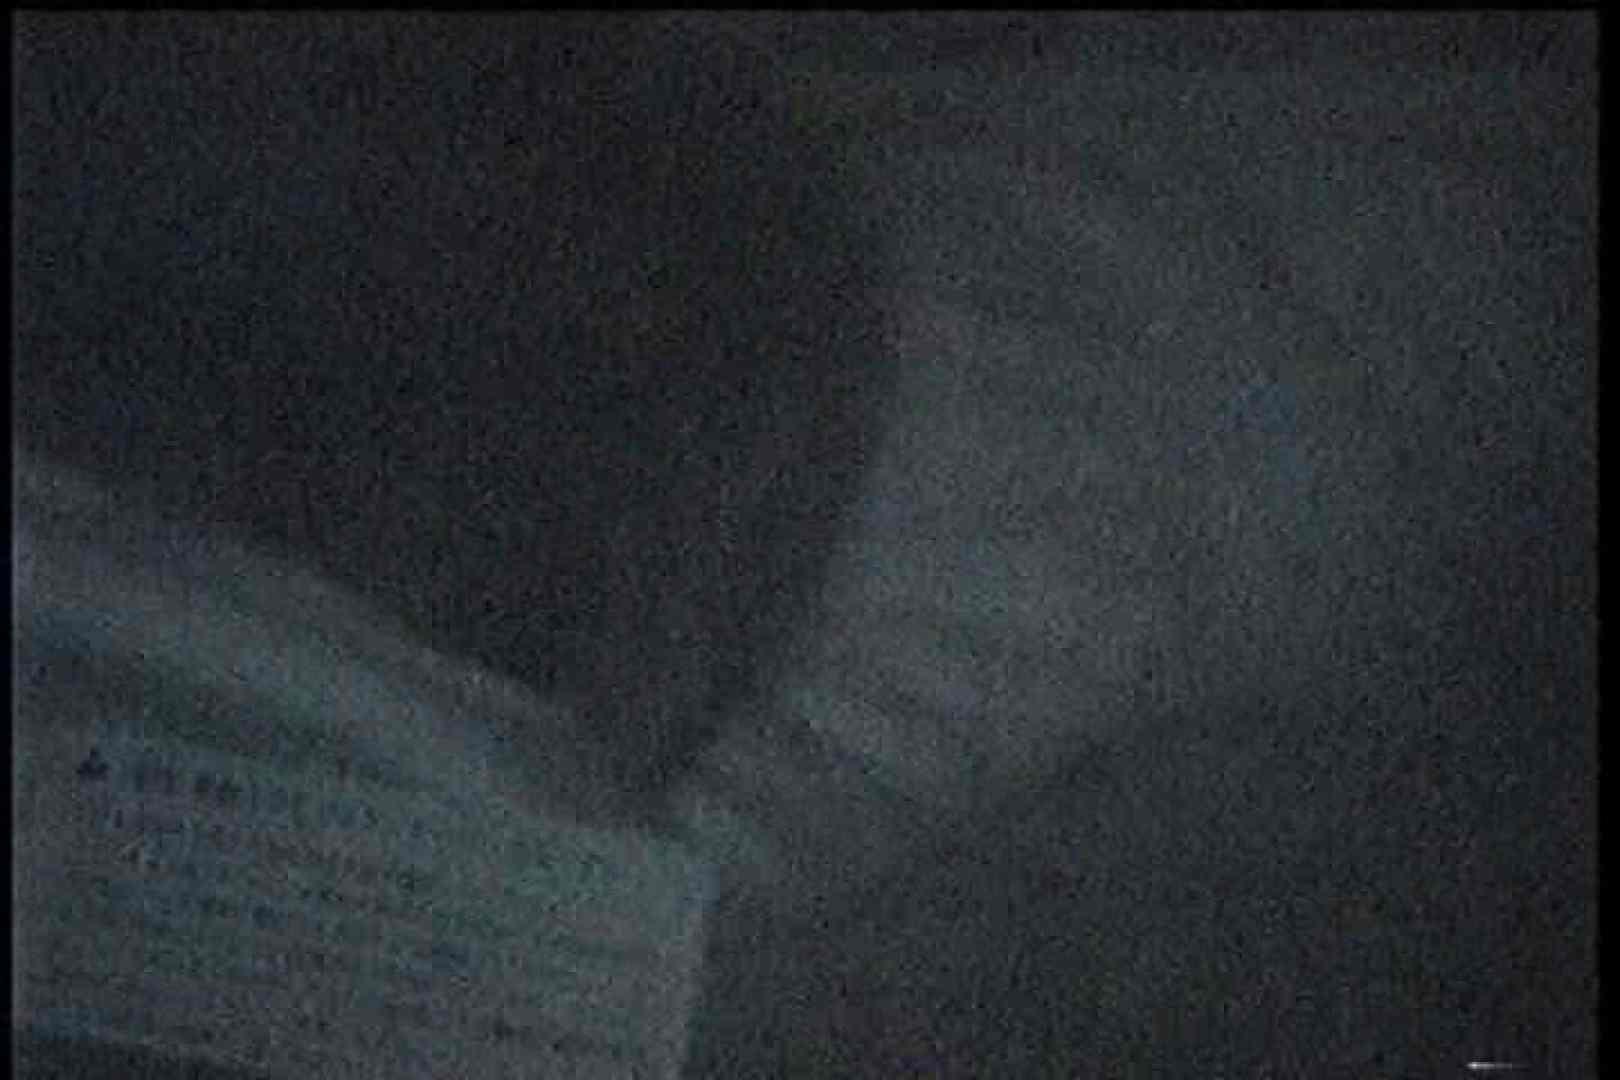 充血監督の深夜の運動会Vol.200 OLすけべ画像   クンニ  102連発 45